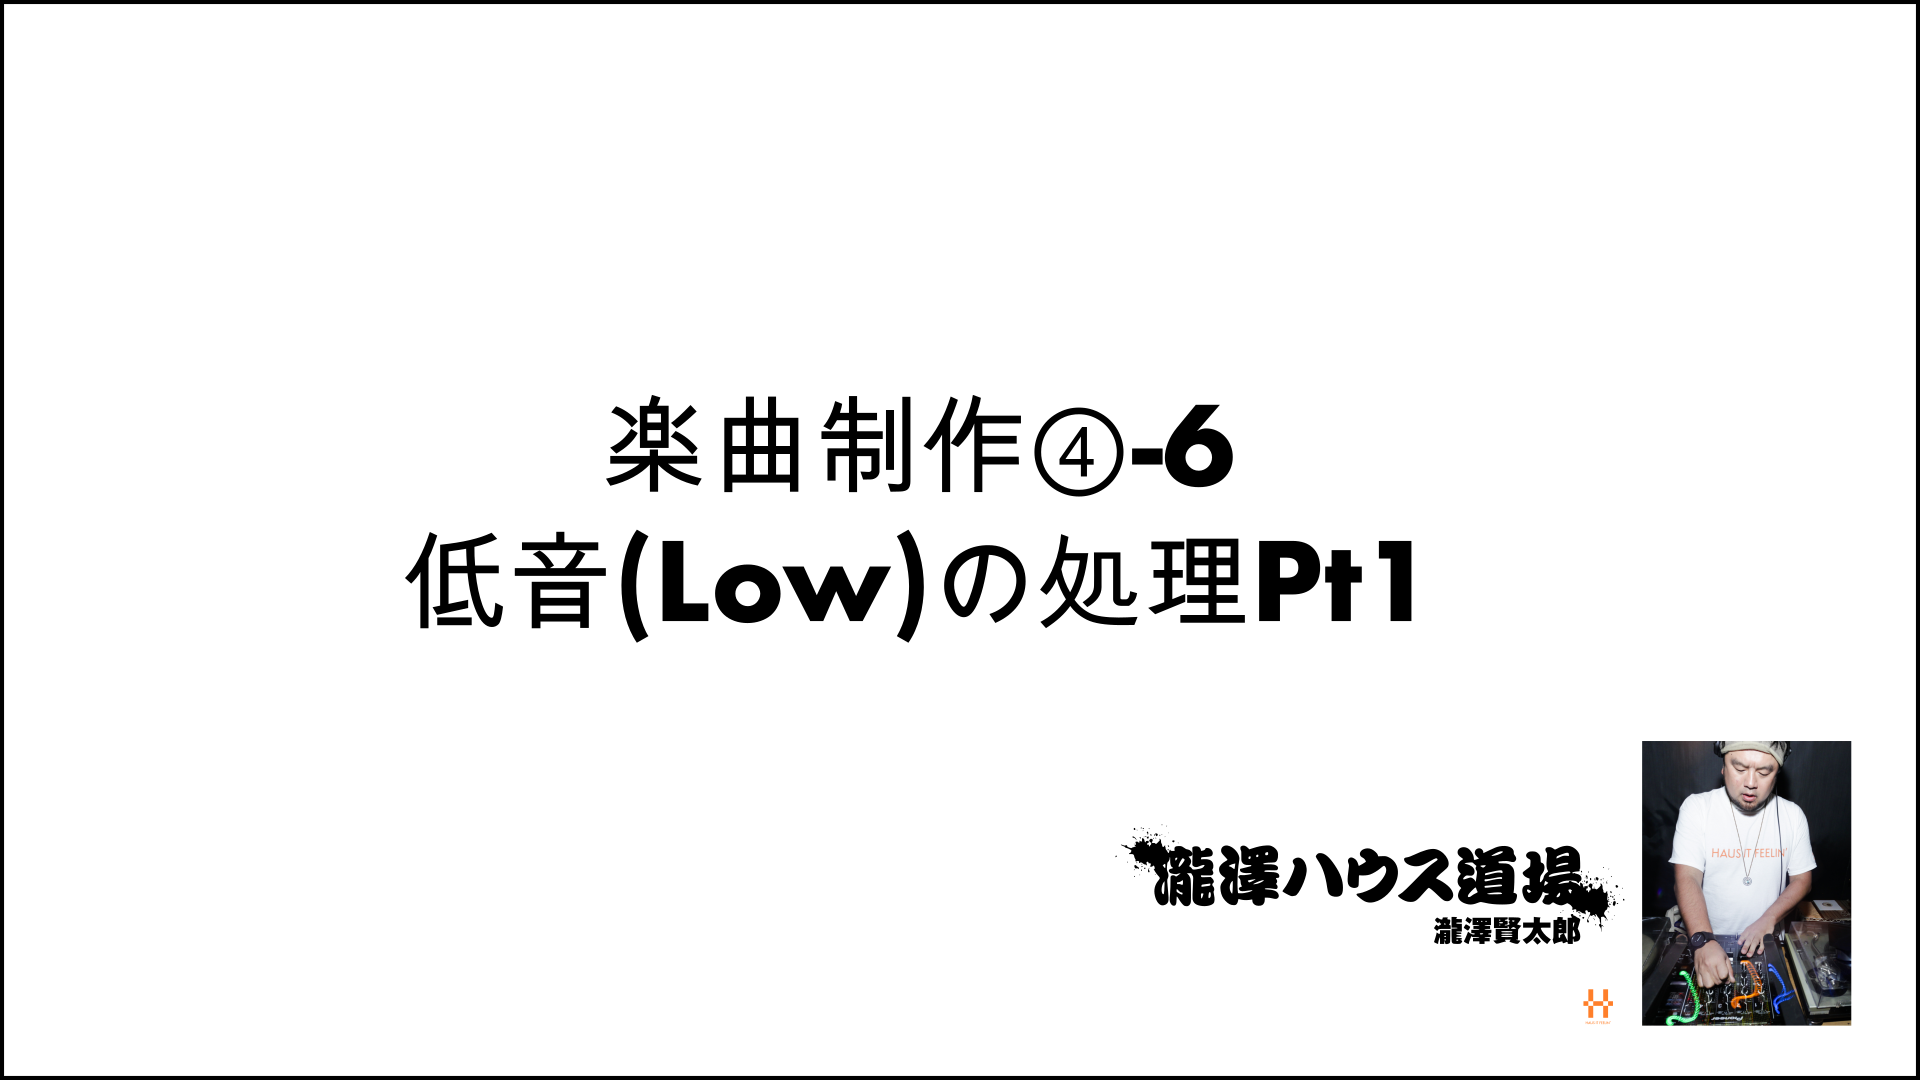 楽曲制作④-6低音(Low)の処理Pt1